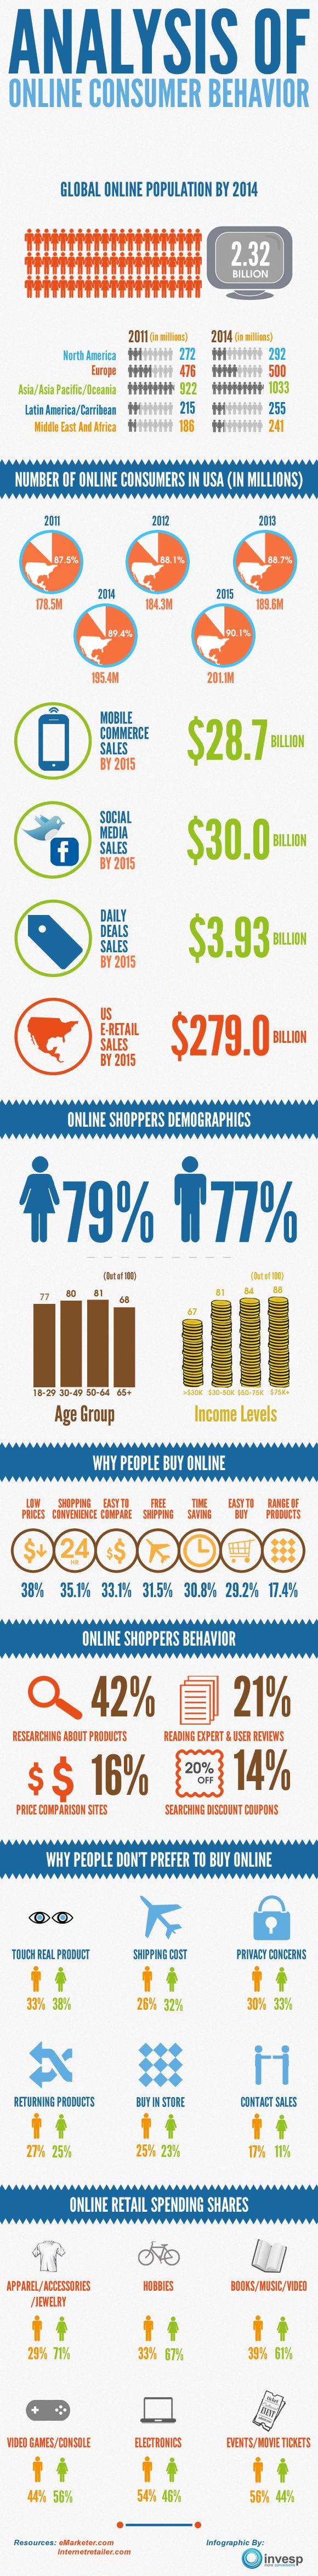 Análisis del comportamiento del consumidor online. #infografia #infographic #ecommerce